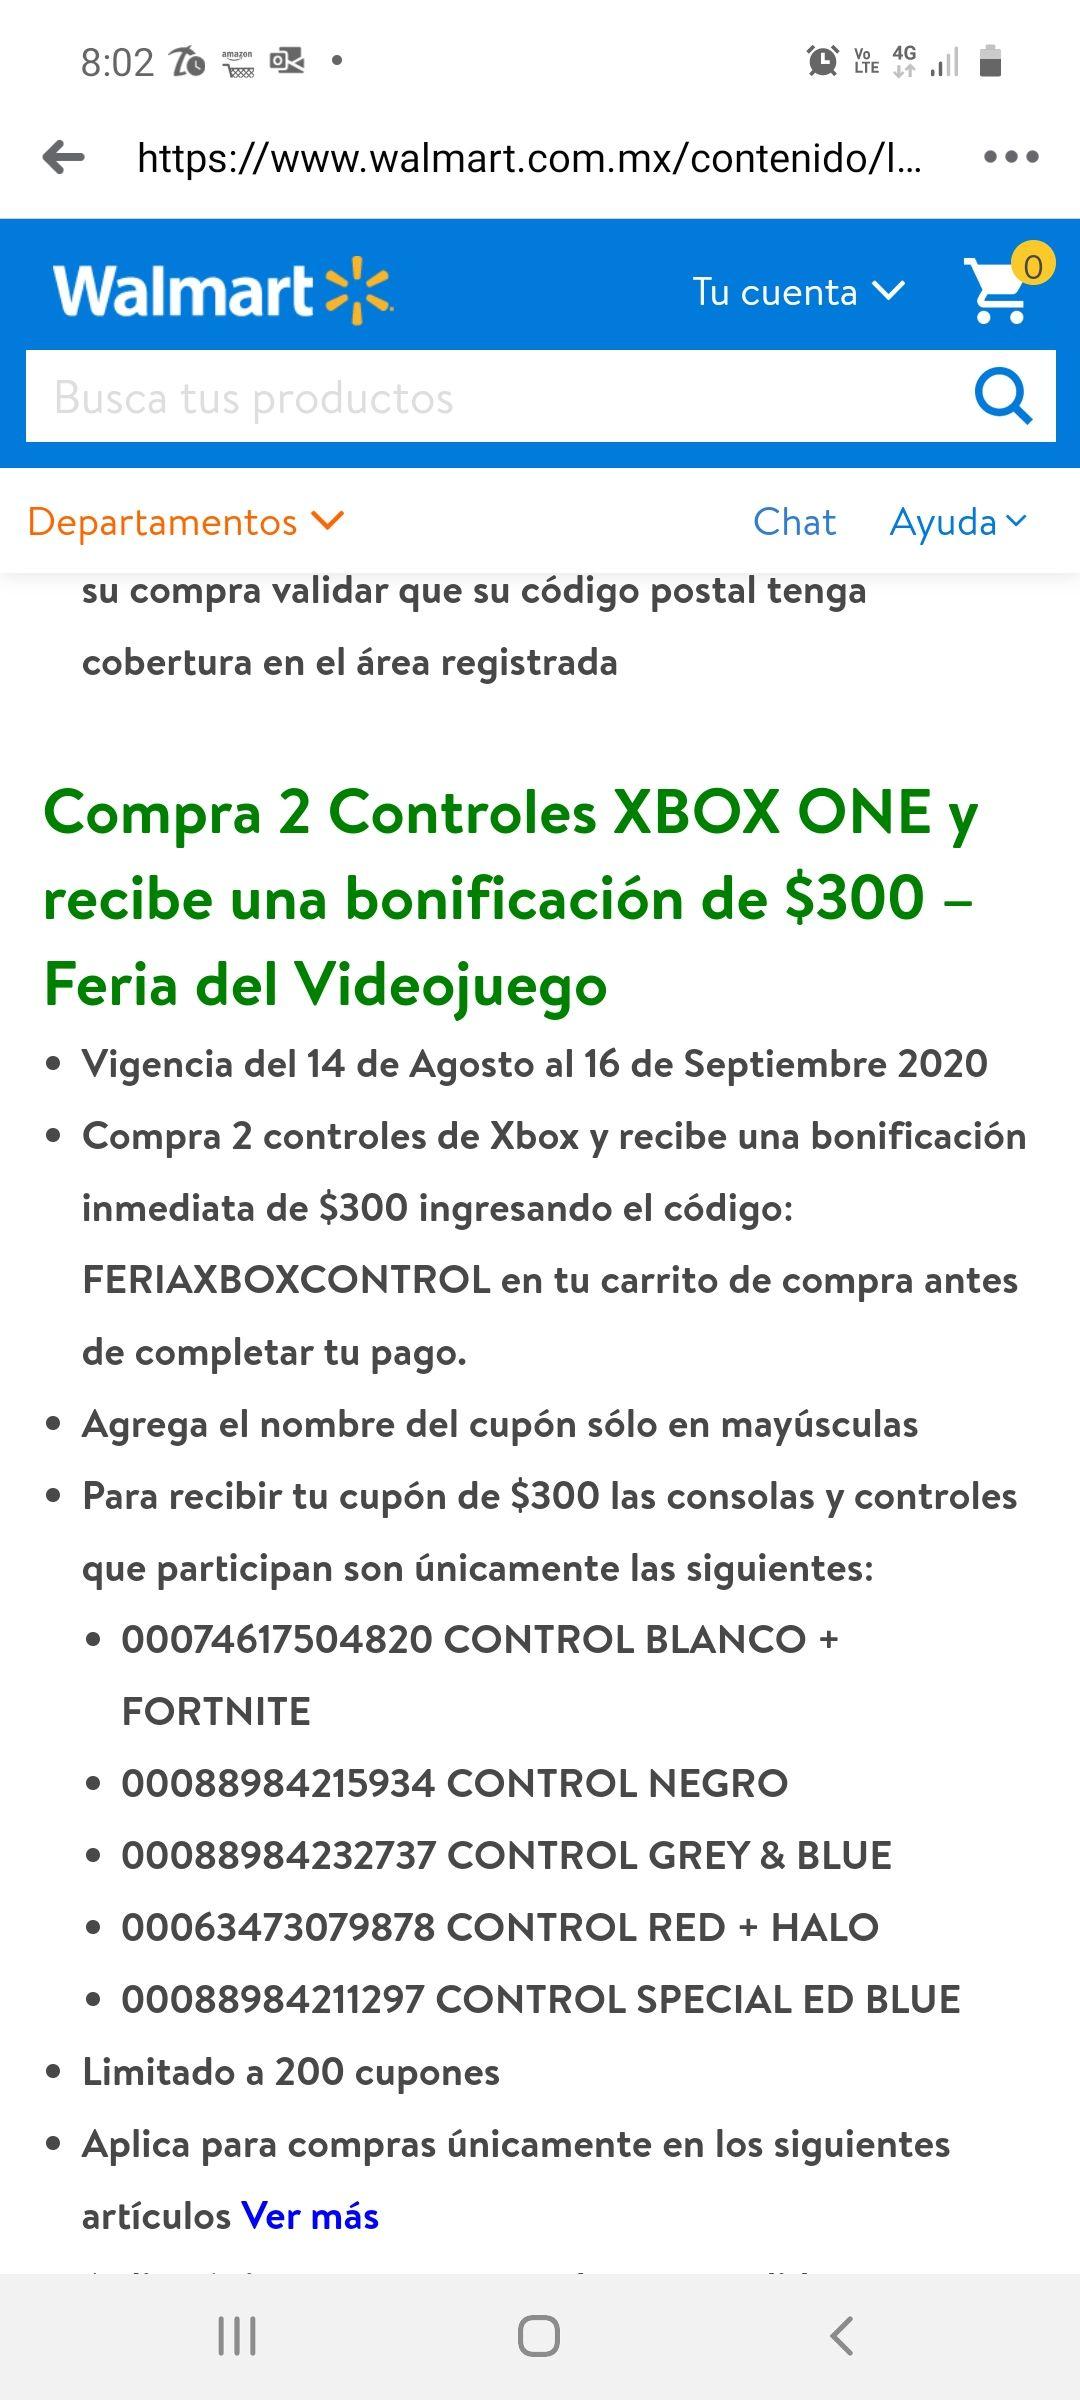 Walmart: $300 de bonificación al comprar 2 controles de Xbox